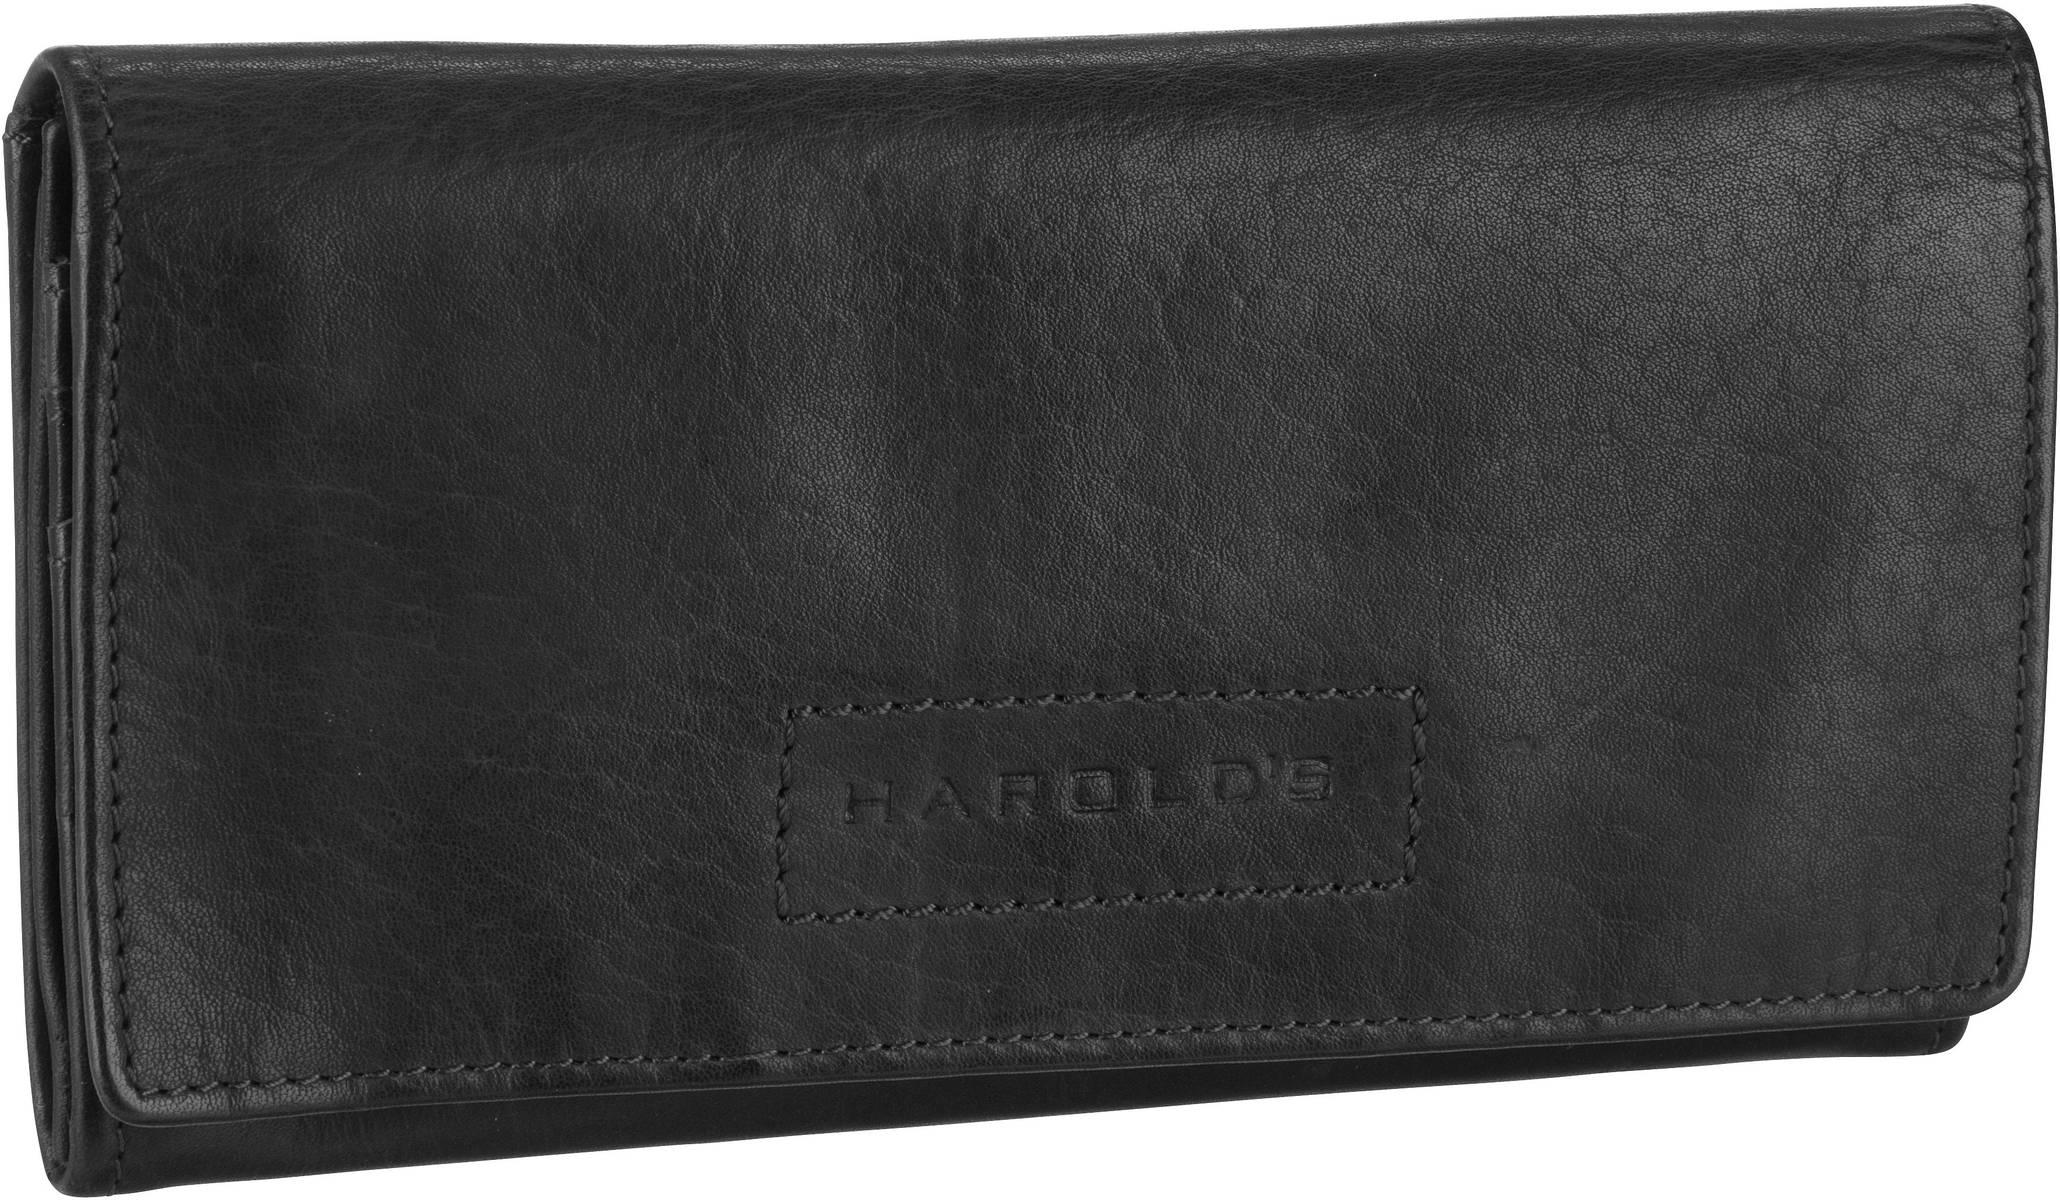 Geldboersen für Frauen - Harold's Kellnerbörse Submarine 2722 Schwarz  - Onlineshop Taschenkaufhaus